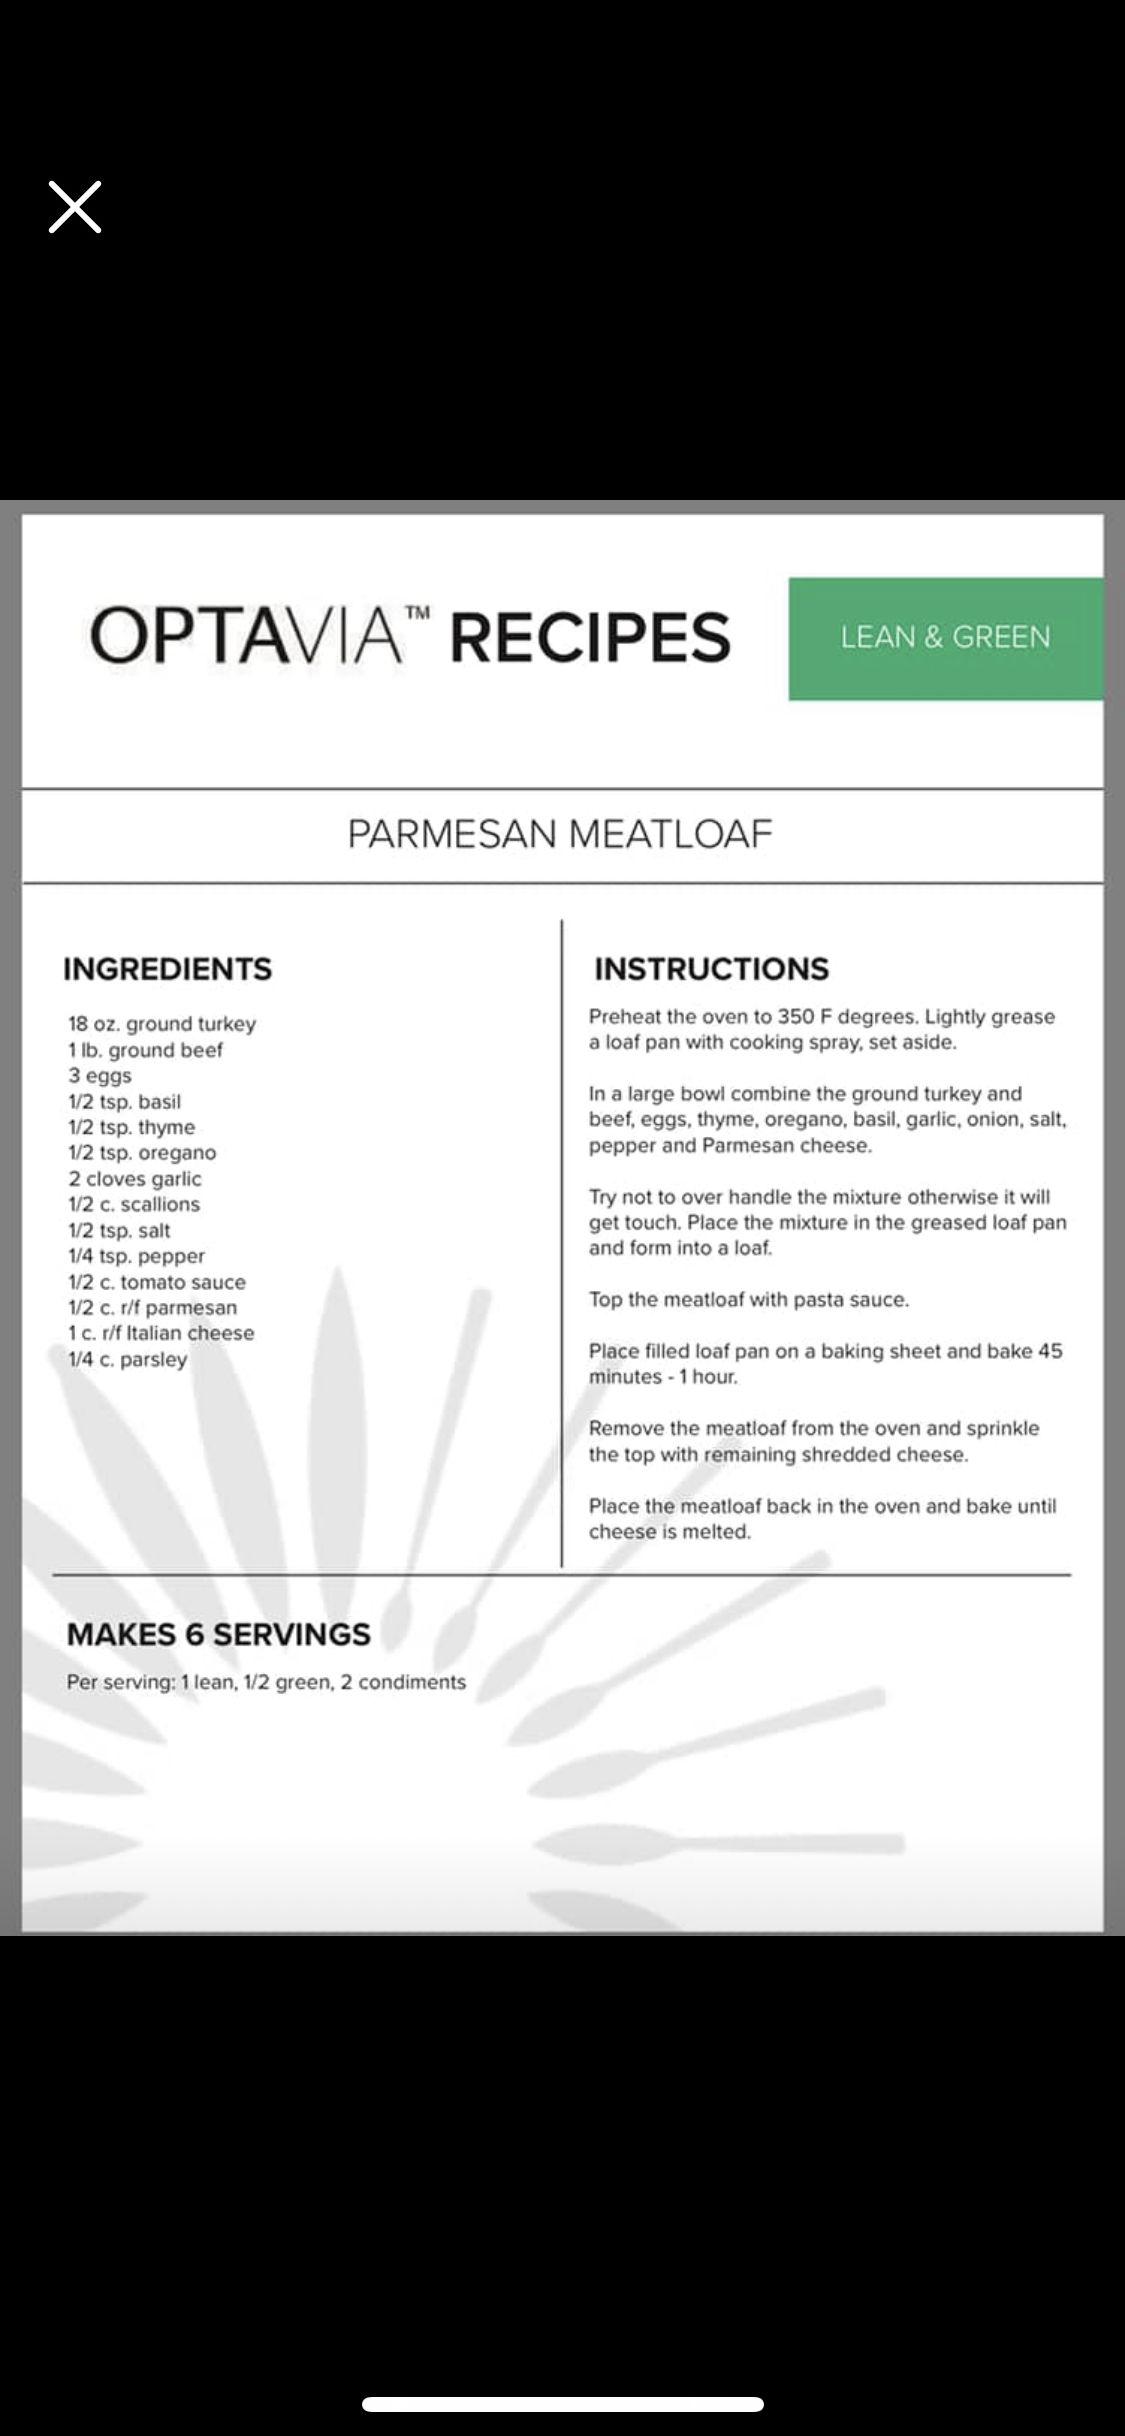 Parmesan meatloaf images